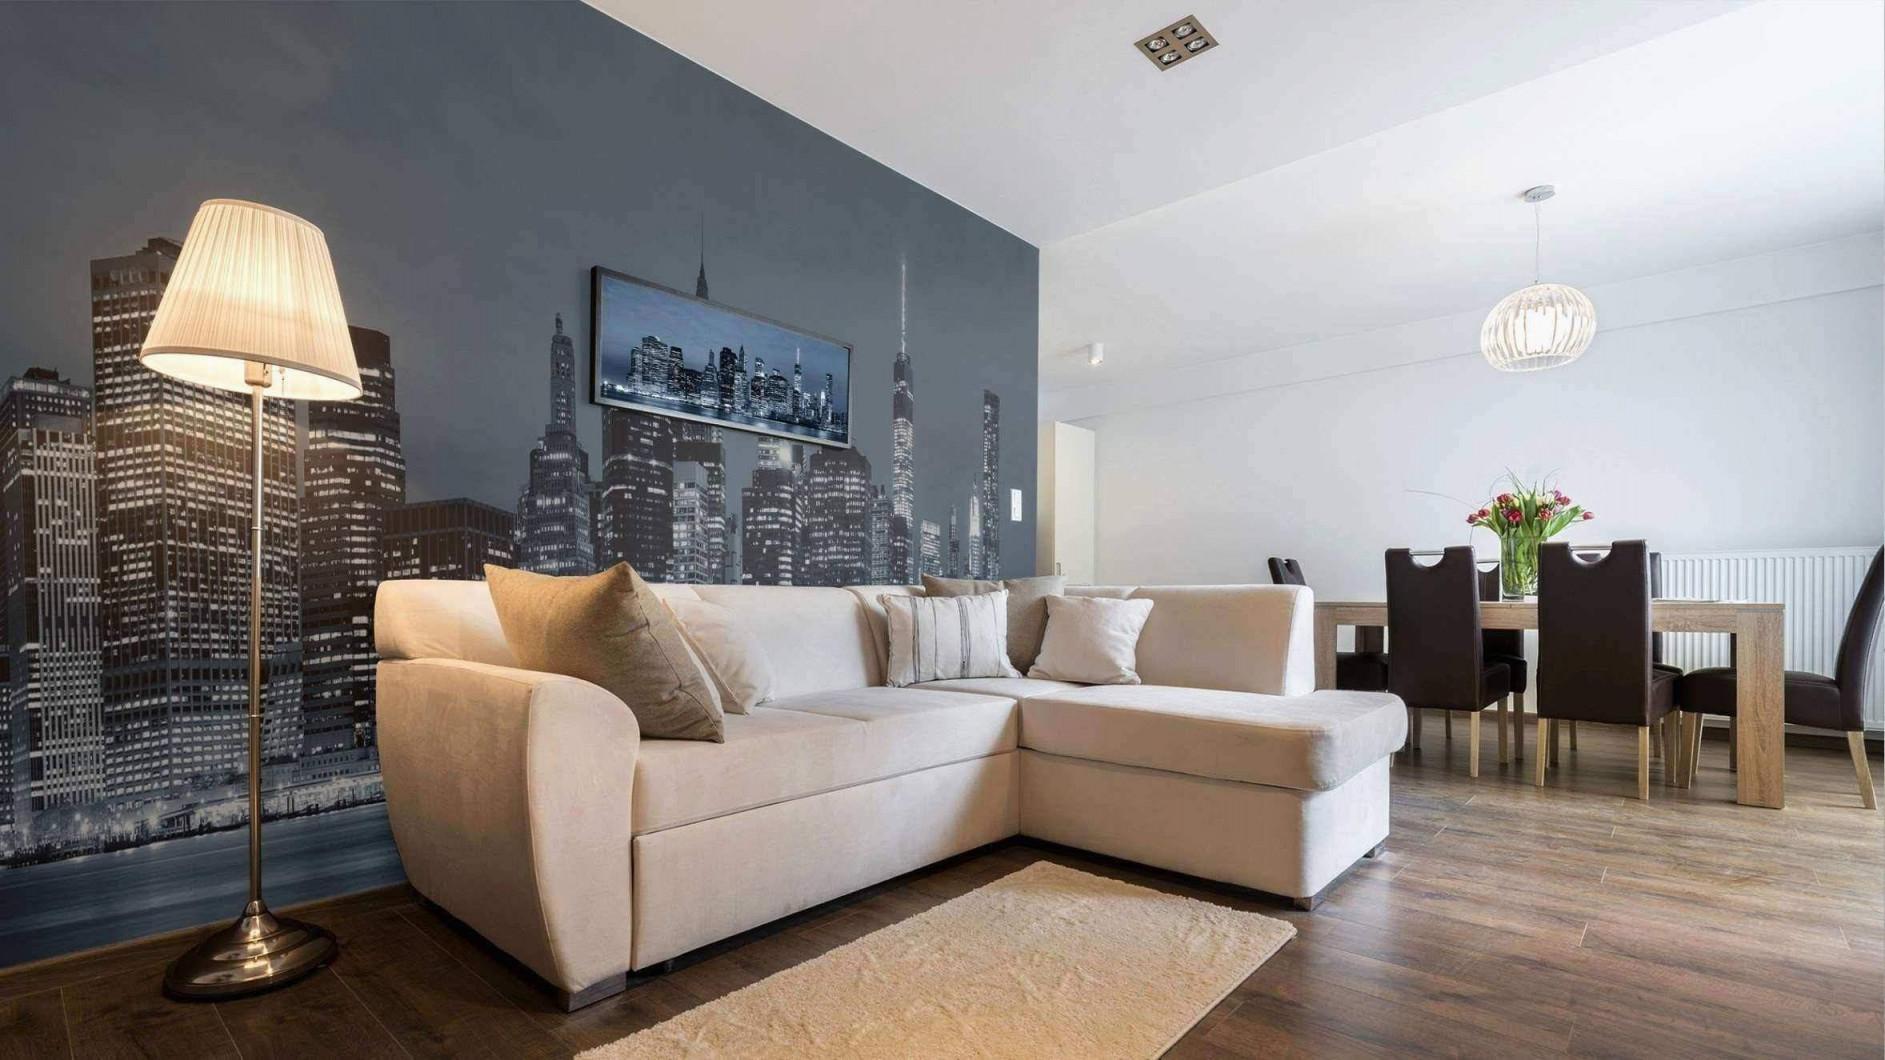 Großes Wohnzimmer Einrichten Elegant Genial Weißes von Großes Wohnzimmer Einrichten Bild